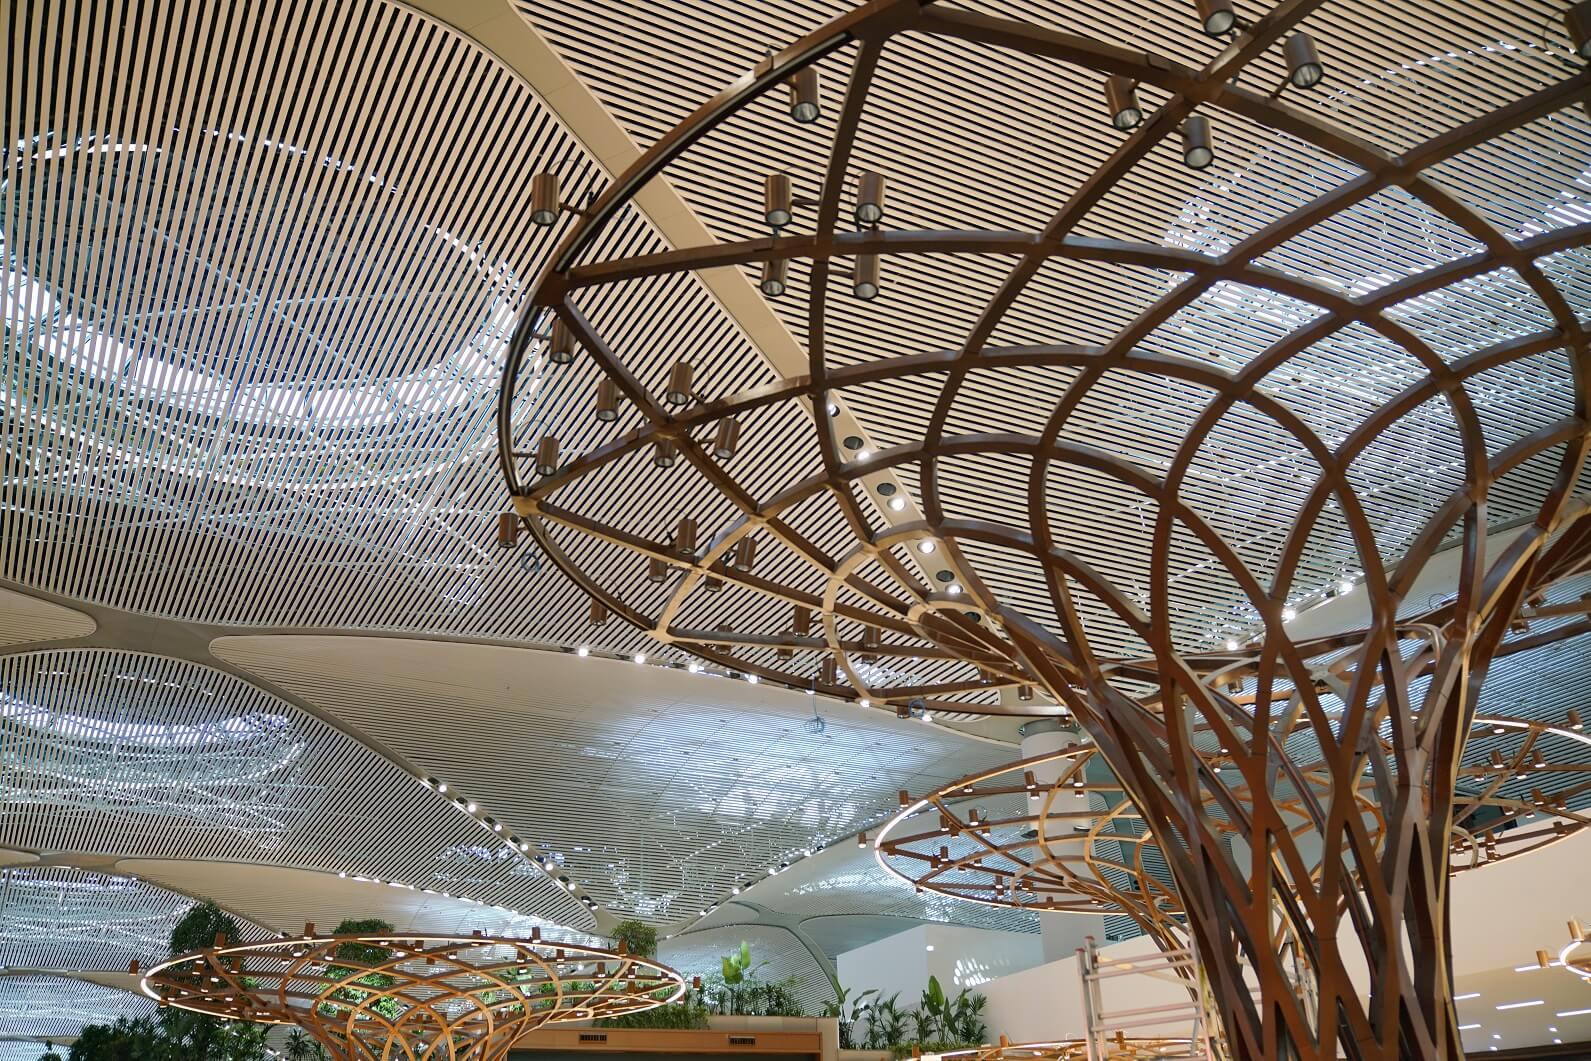 天花的弧形三角結構,呈彎月圖騰,與模擬樹木裝飾的線條匹配。